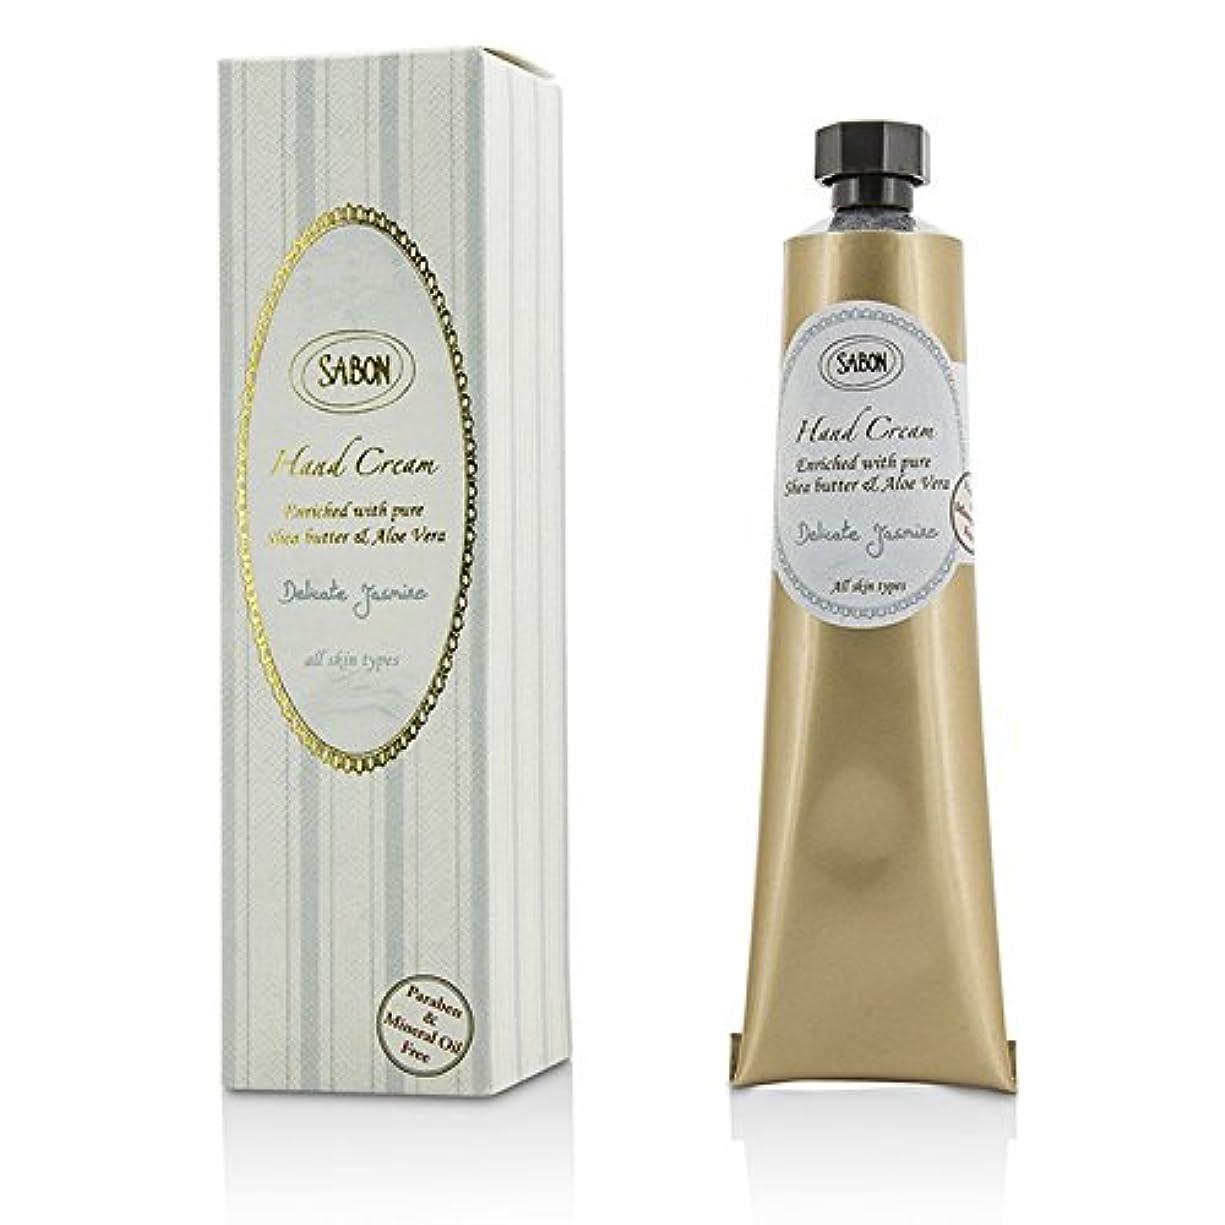 パパほとんどない妻サボン Hand Cream - Delicate Jasmine (Tube) 50ml/1.66oz並行輸入品